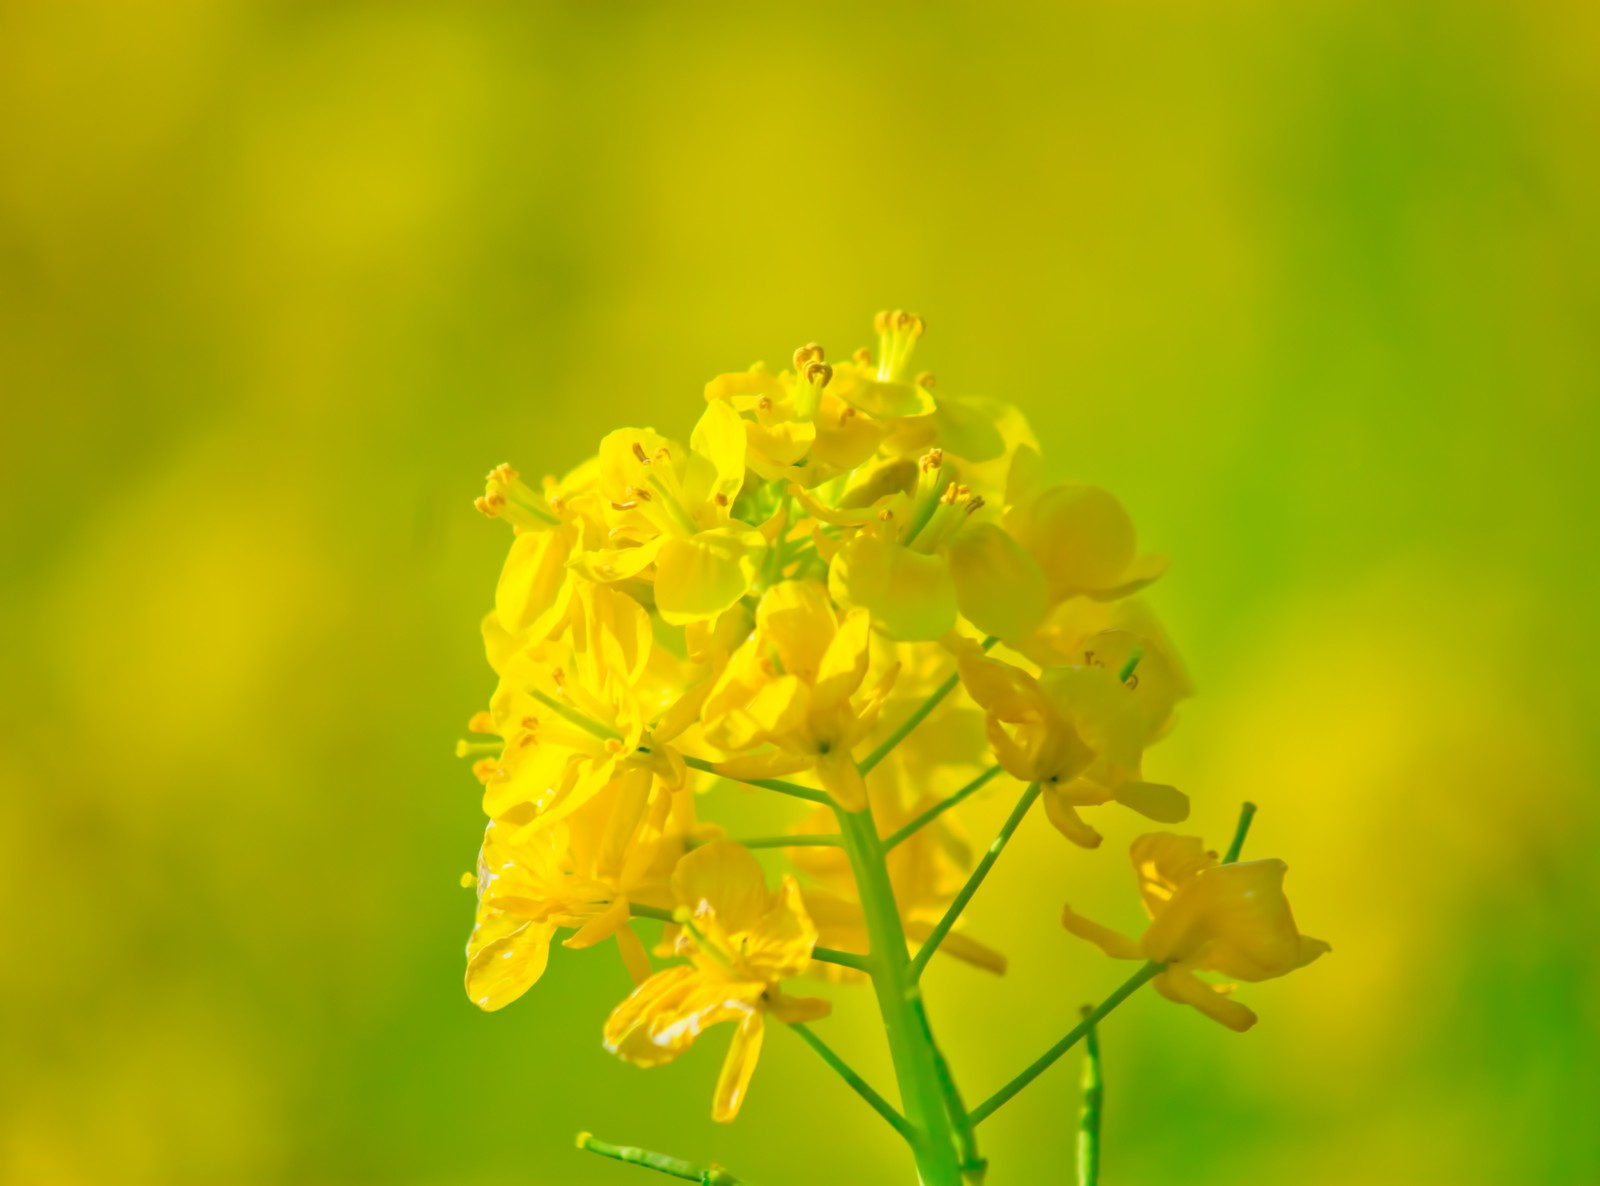 「黄色い菜の花」の写真